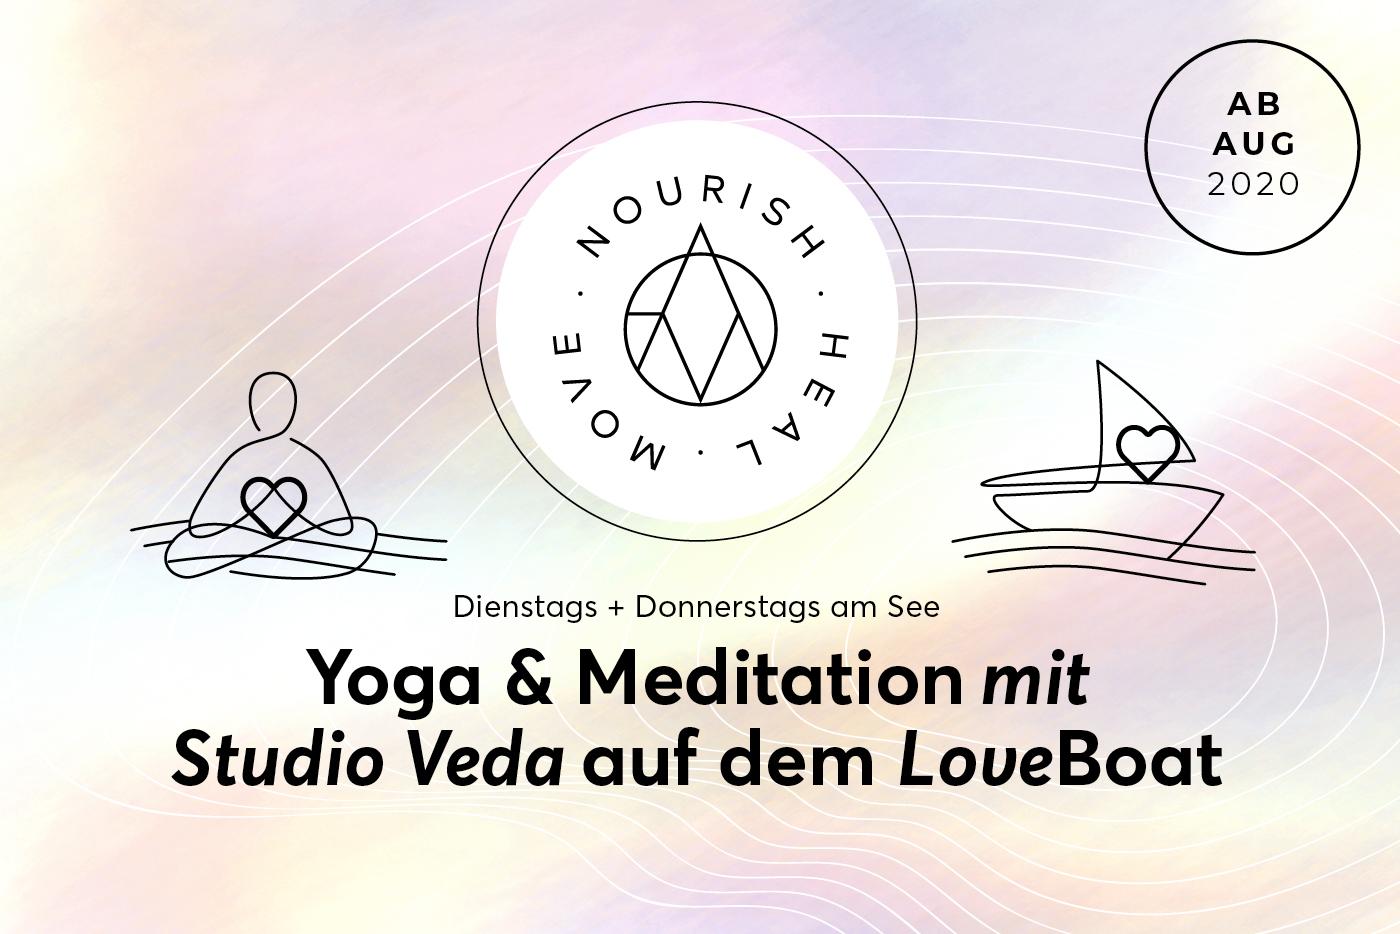 Yoga Meditation mit Studio Veda auf dem LoveBoat ab Aug 2020